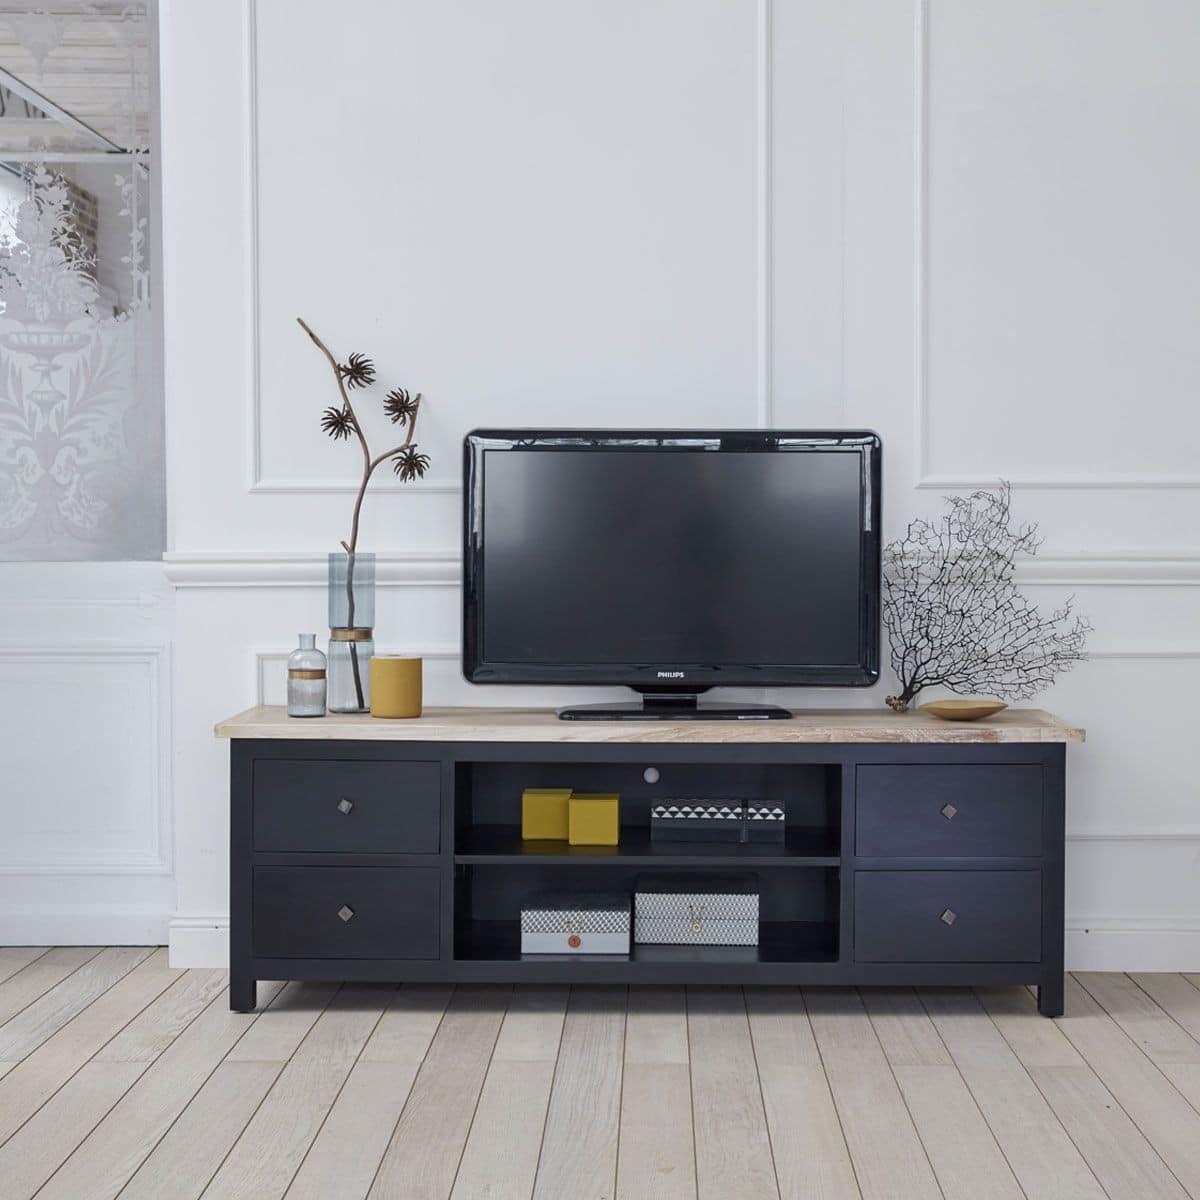 Meuble Tv Industriel 40 Id Es Et Mod Les 100 D Cal S # Meuble Tv Casier